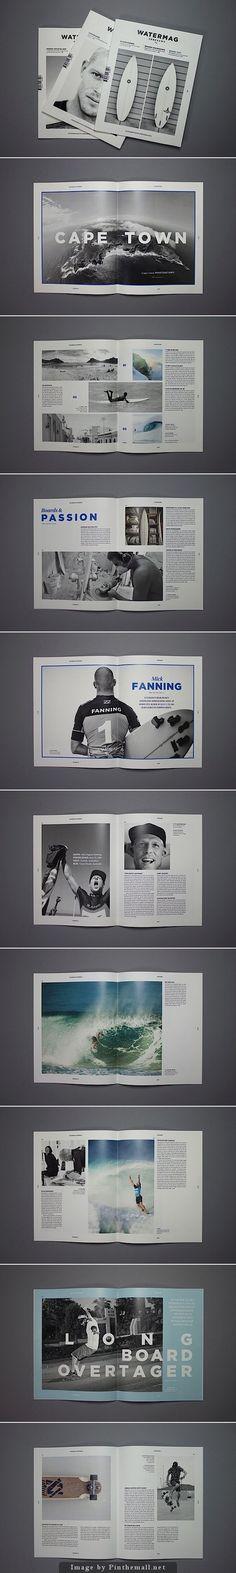 Editorial Design Inspiration: Watermag Surfnews by design student Bjarke Nøhr Kristensen|